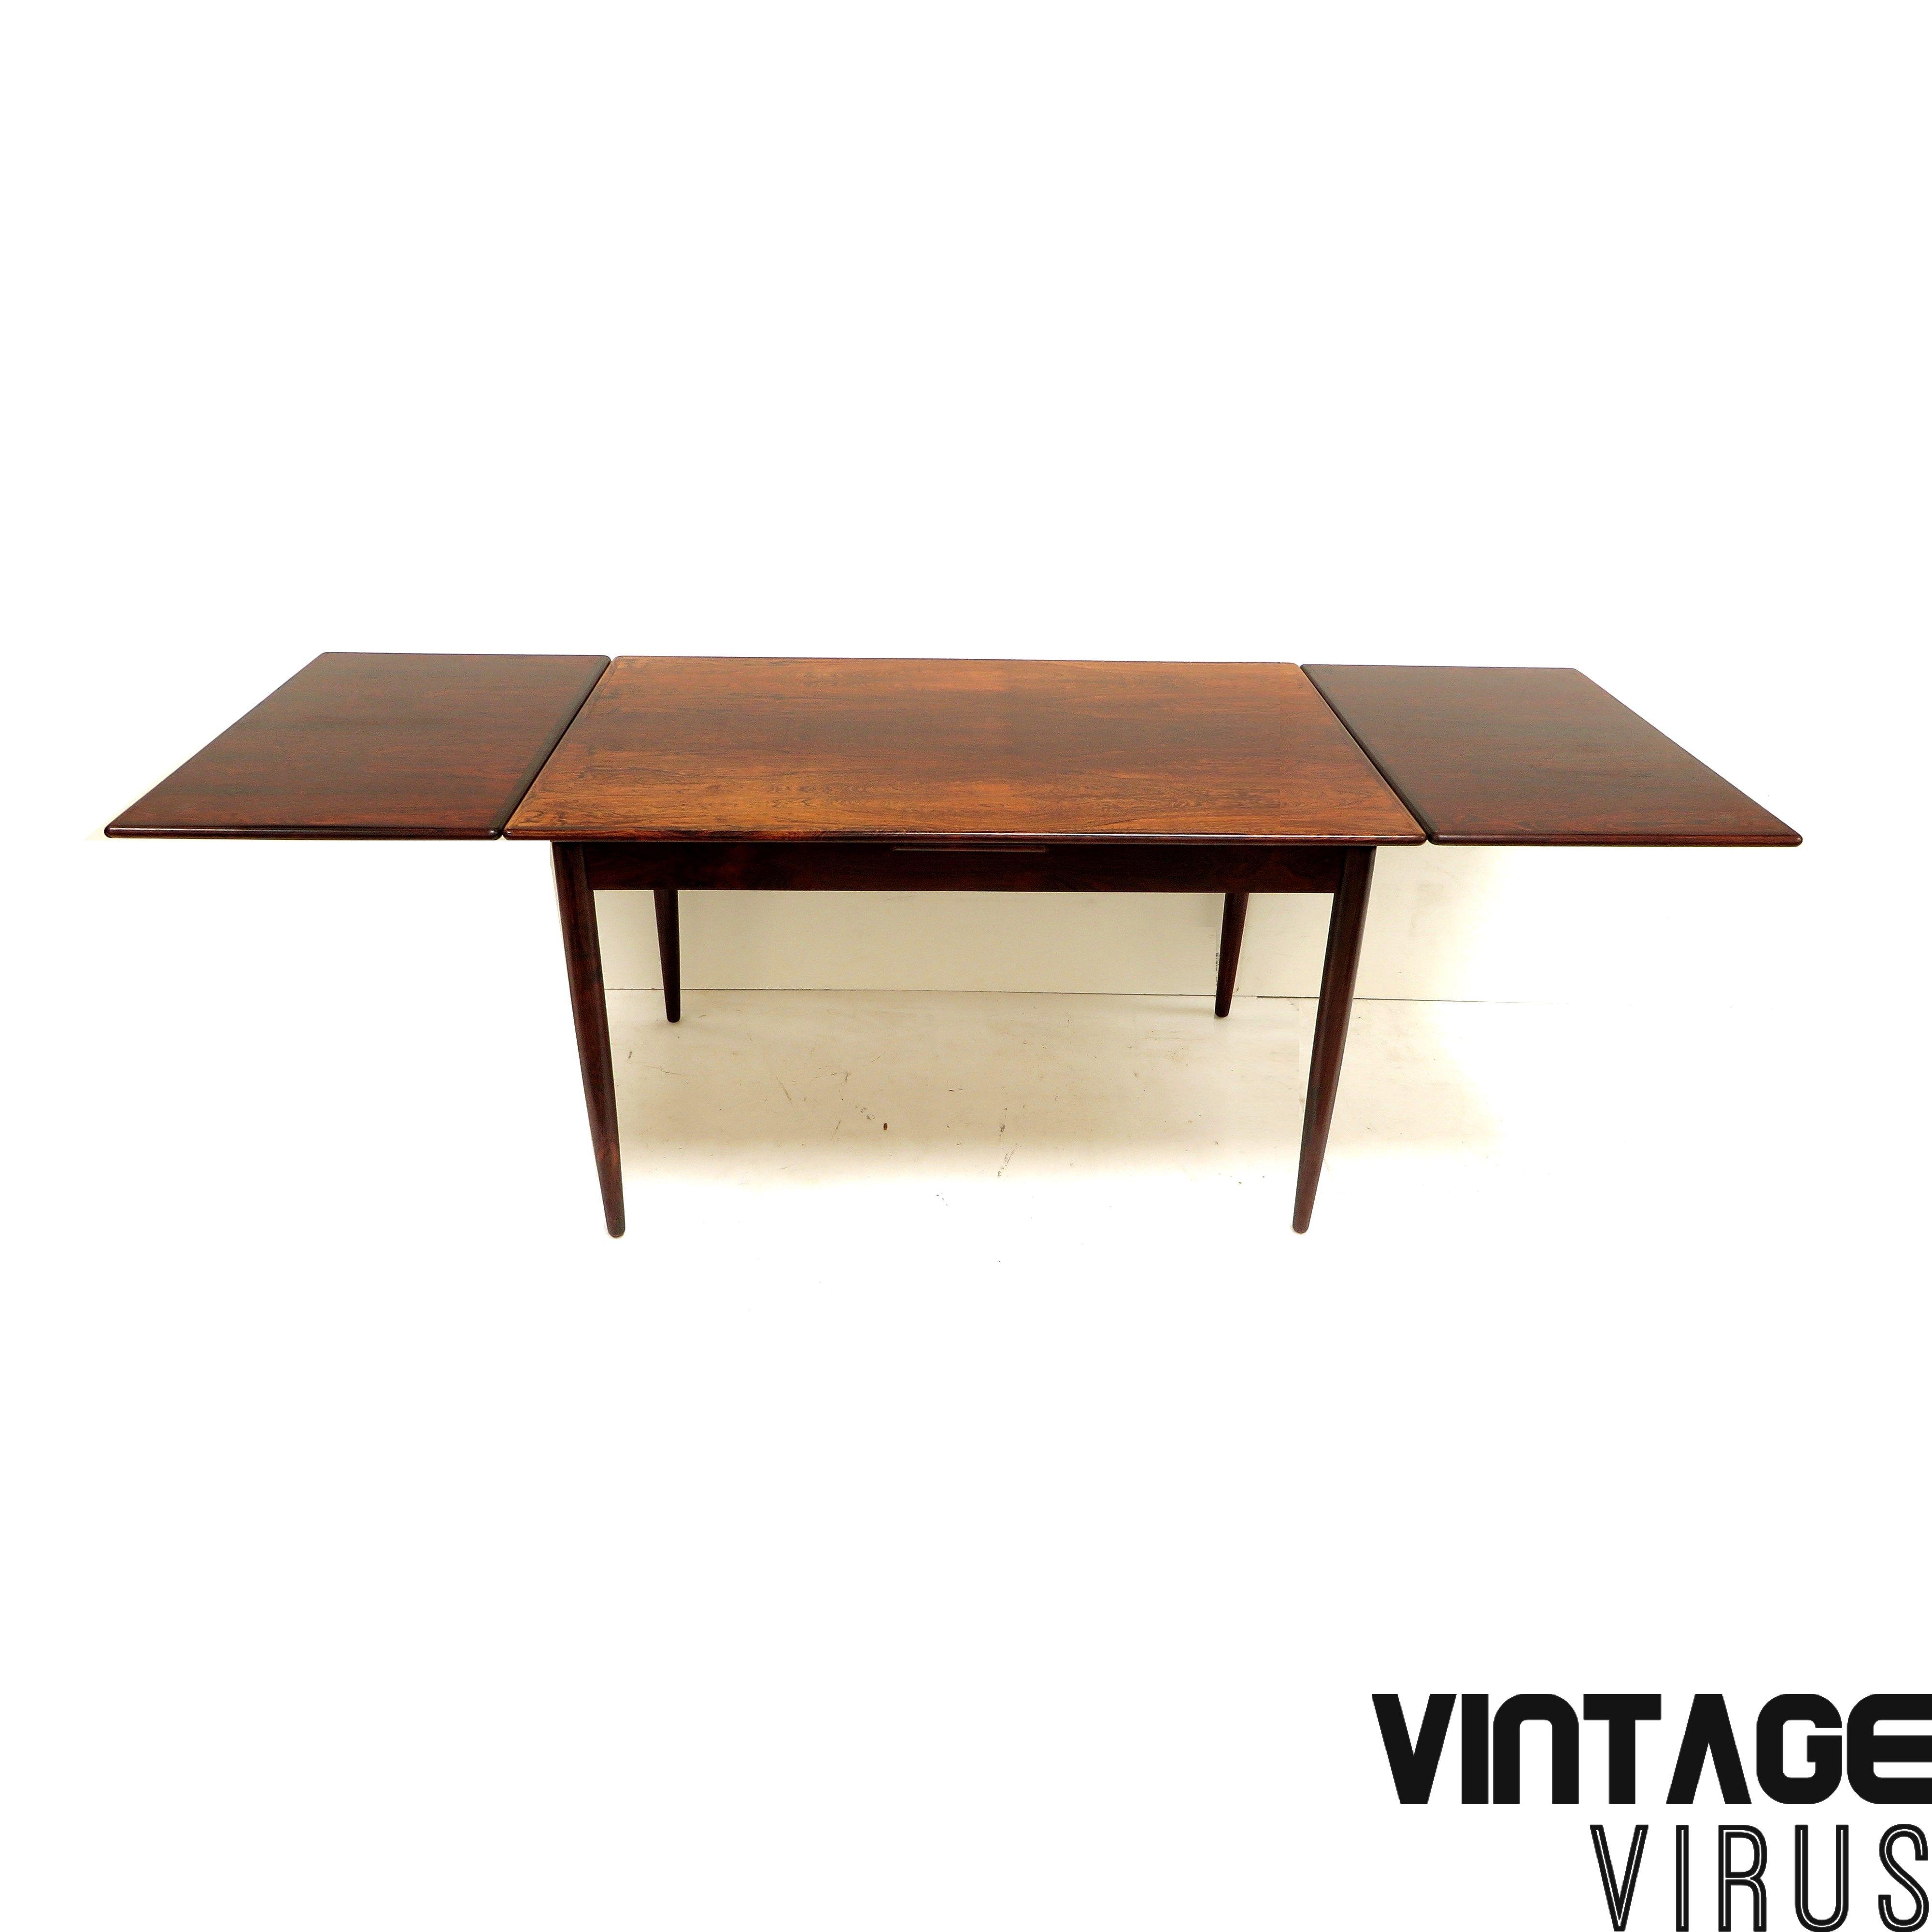 Grote Uitschuifbare Eettafel.Grote Vintage Uitschuifbare Eettafel Met Mooie Houttekening